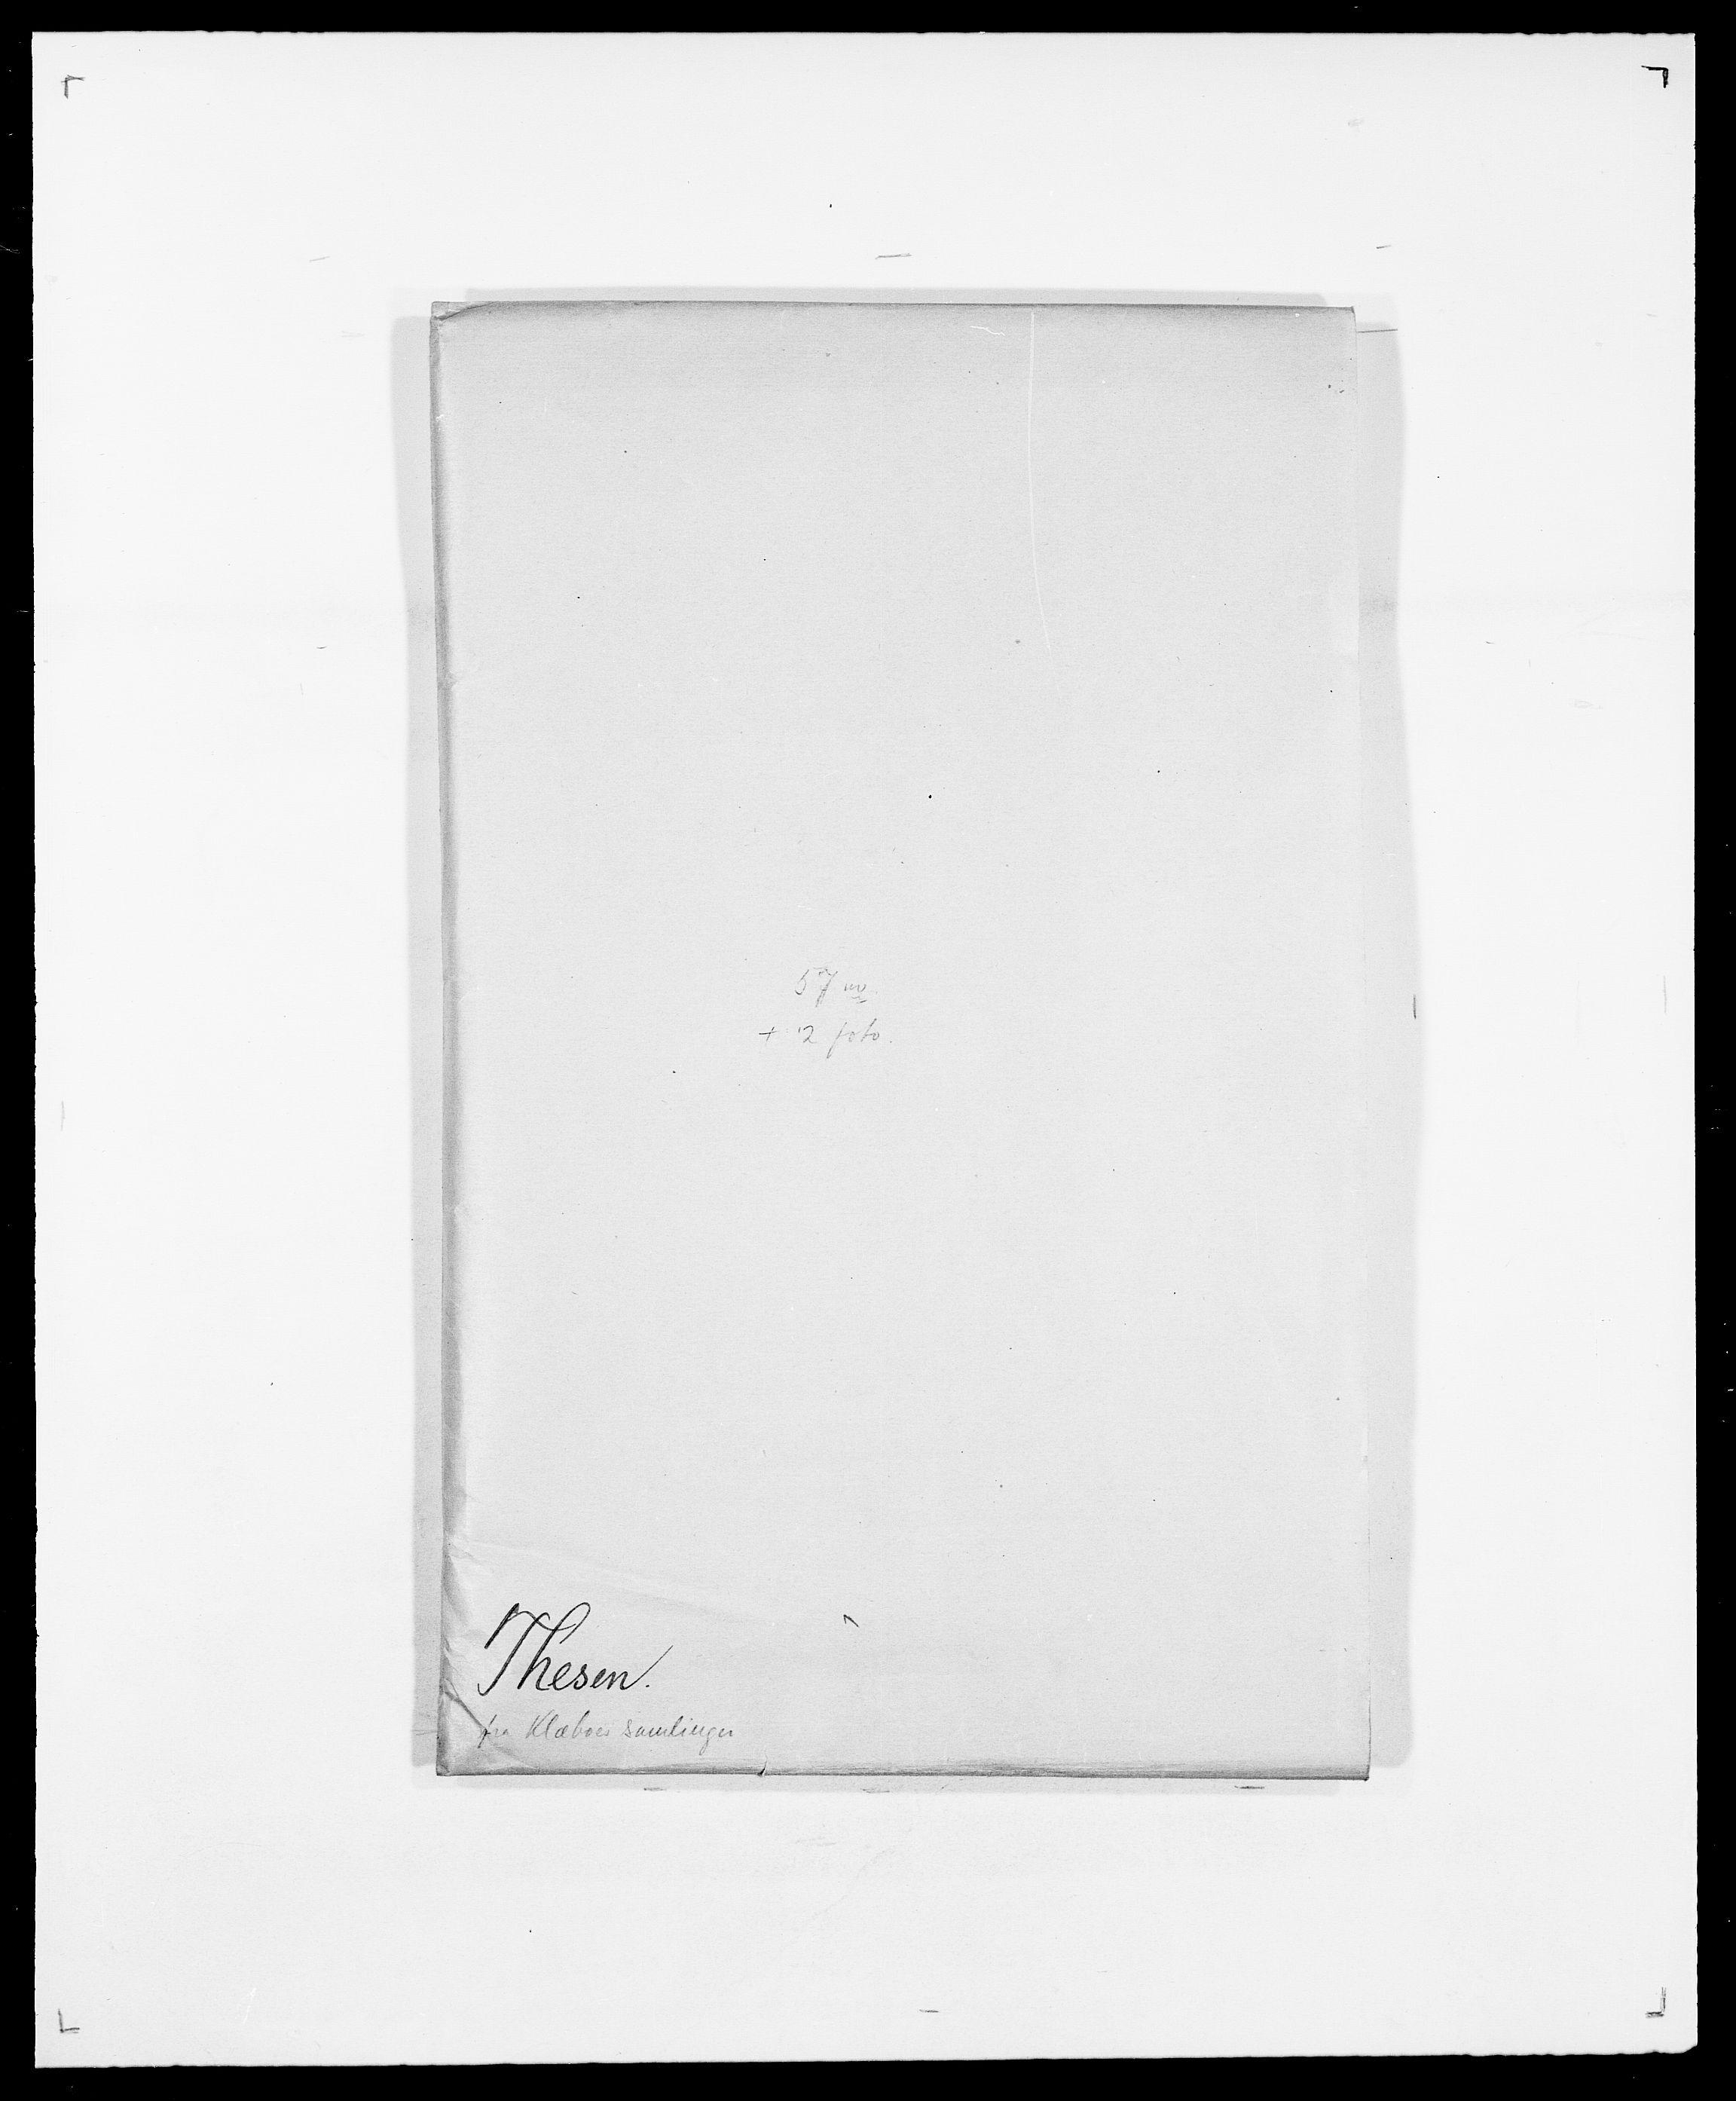 SAO, Delgobe, Charles Antoine - samling, D/Da/L0038: Svanenskjold - Thornsohn, s. 581